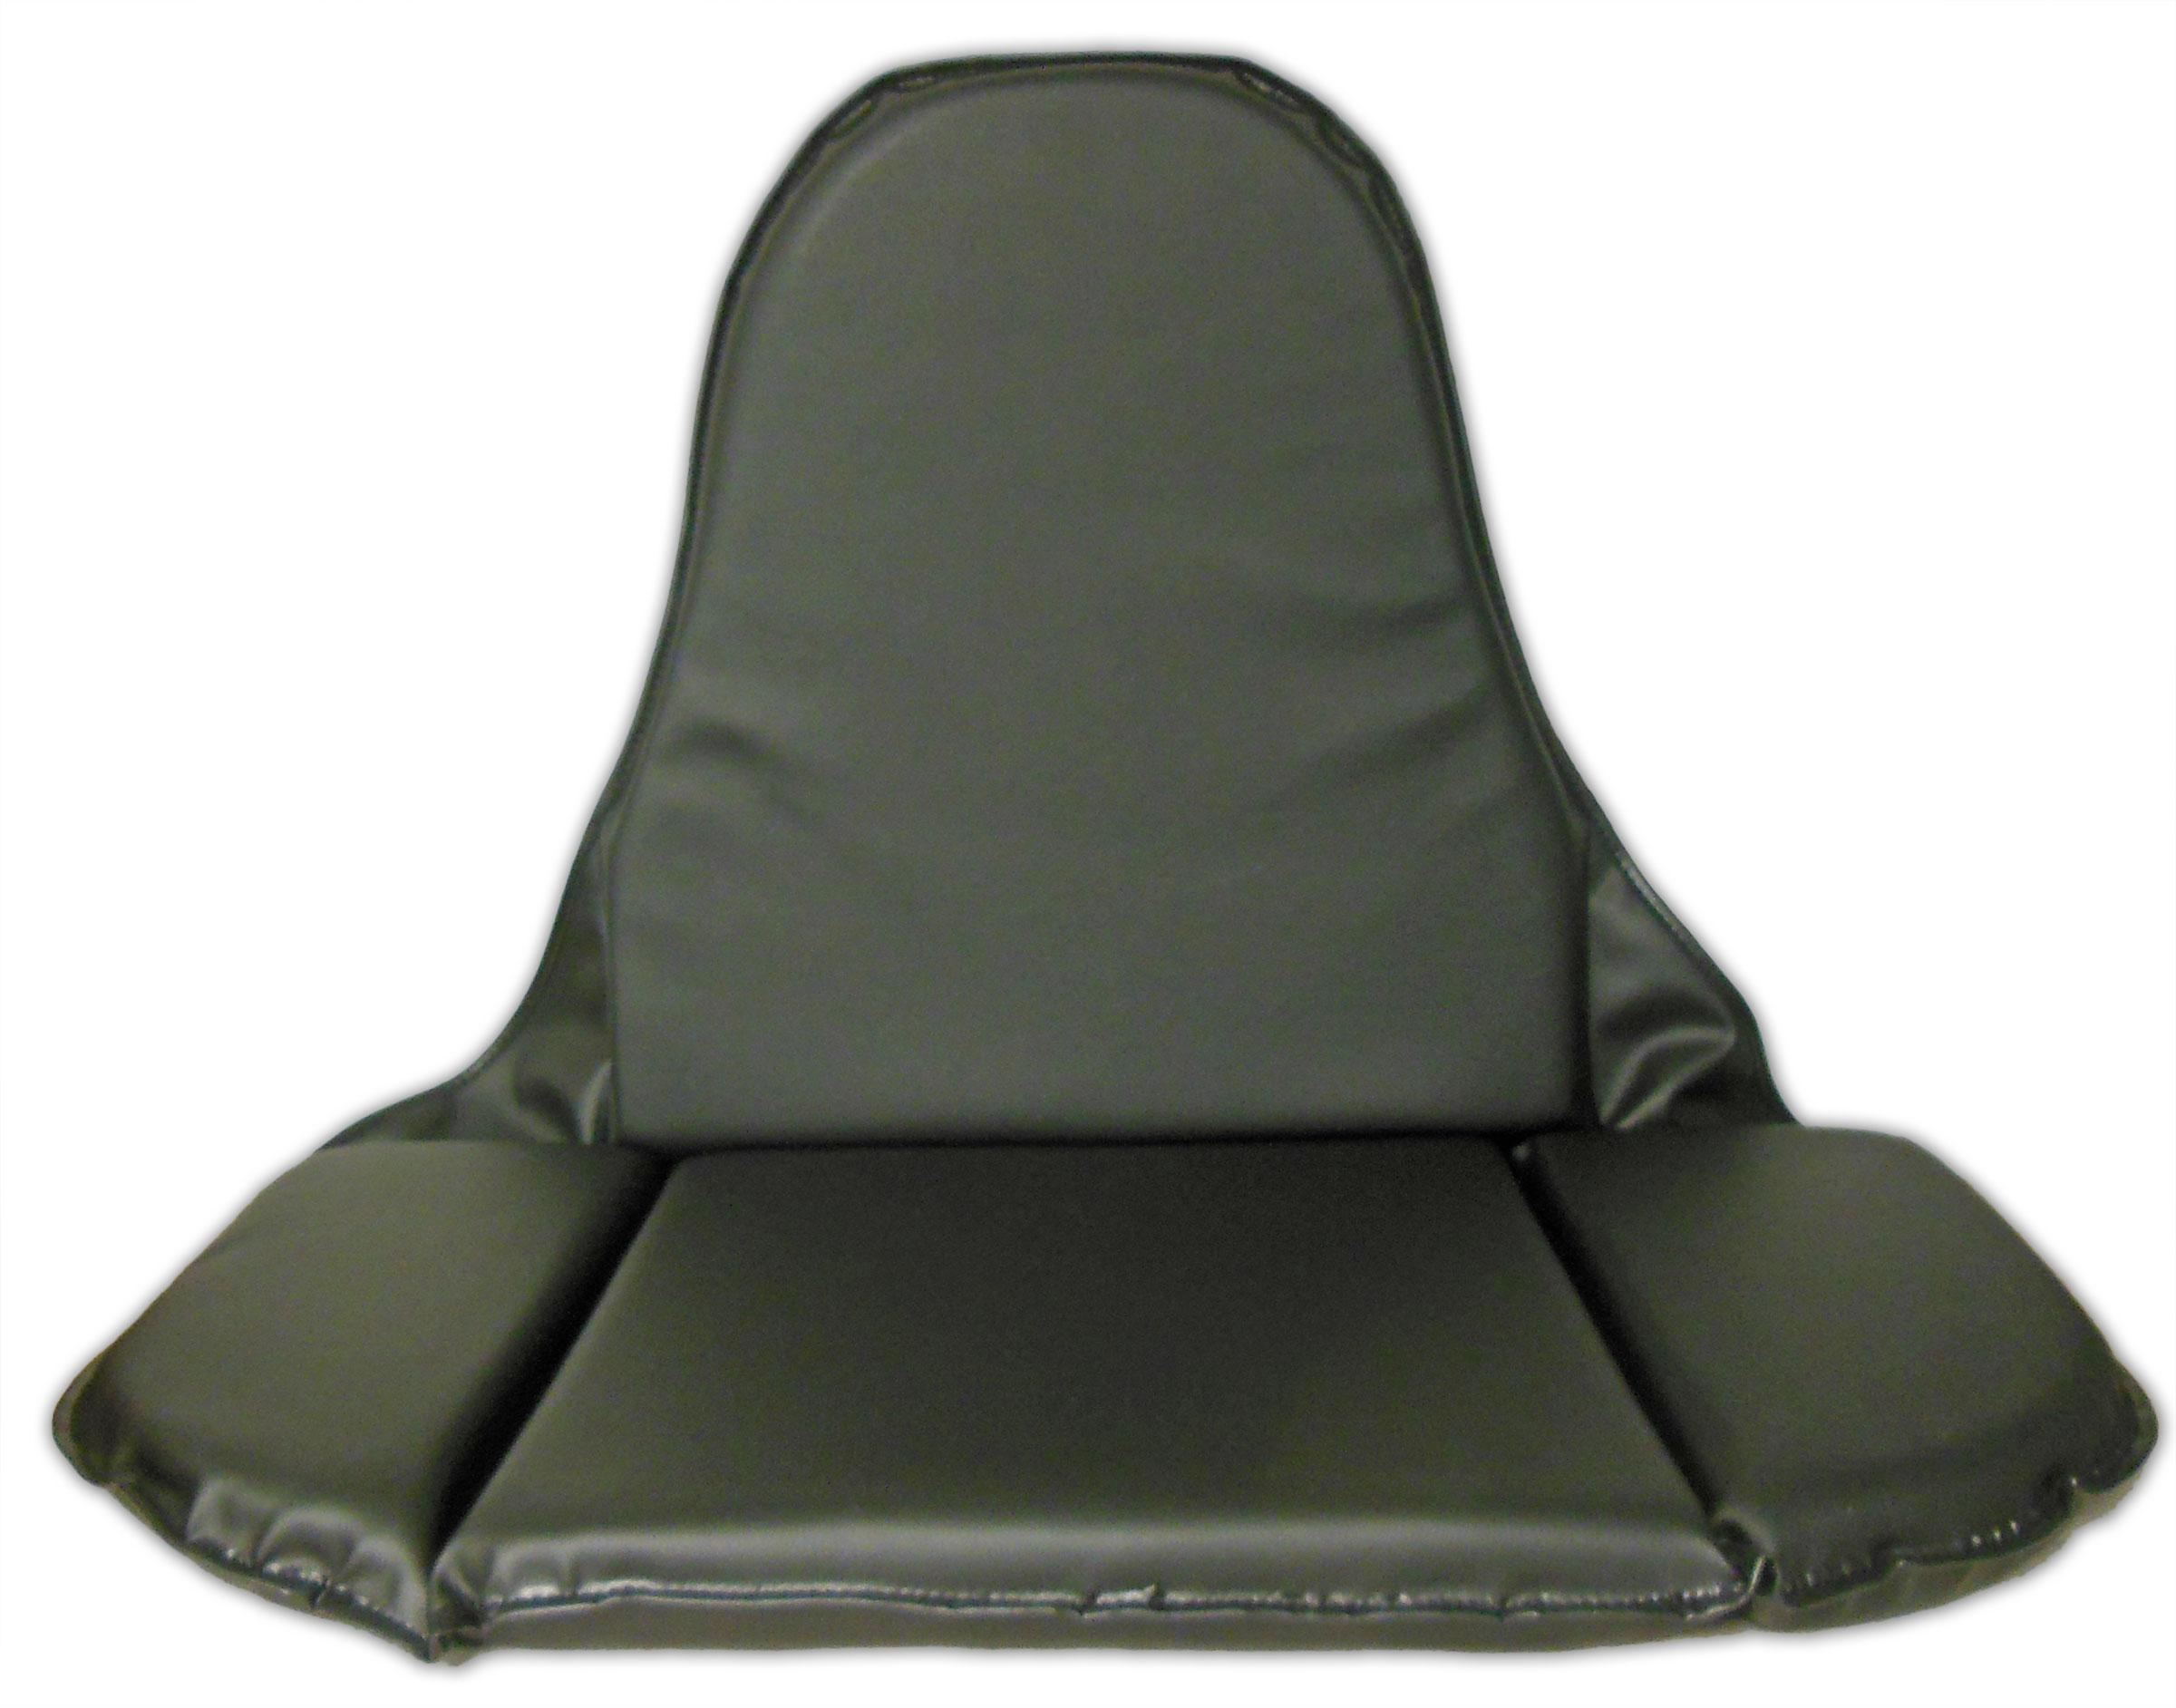 seat cushion 400540 bmi karts and motorocycle parts